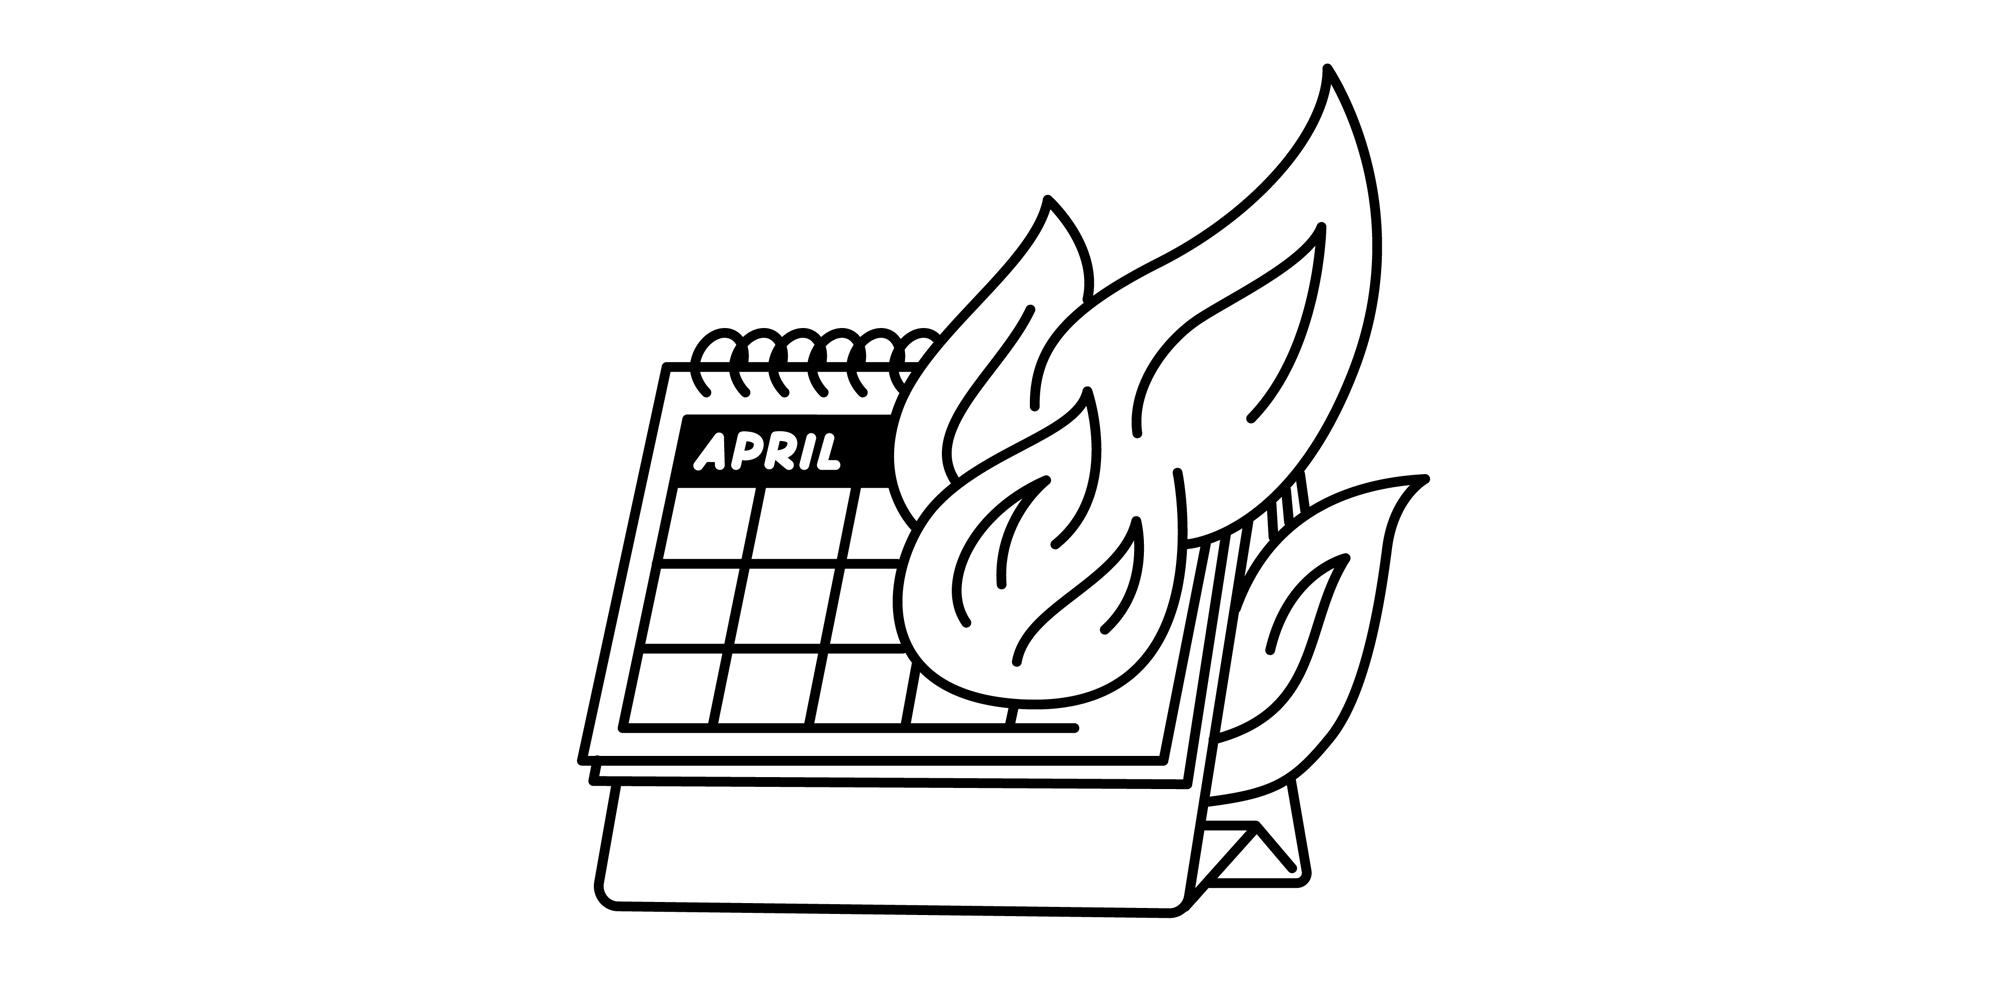 Tomas Rebar - Changing Dates graphic artwork